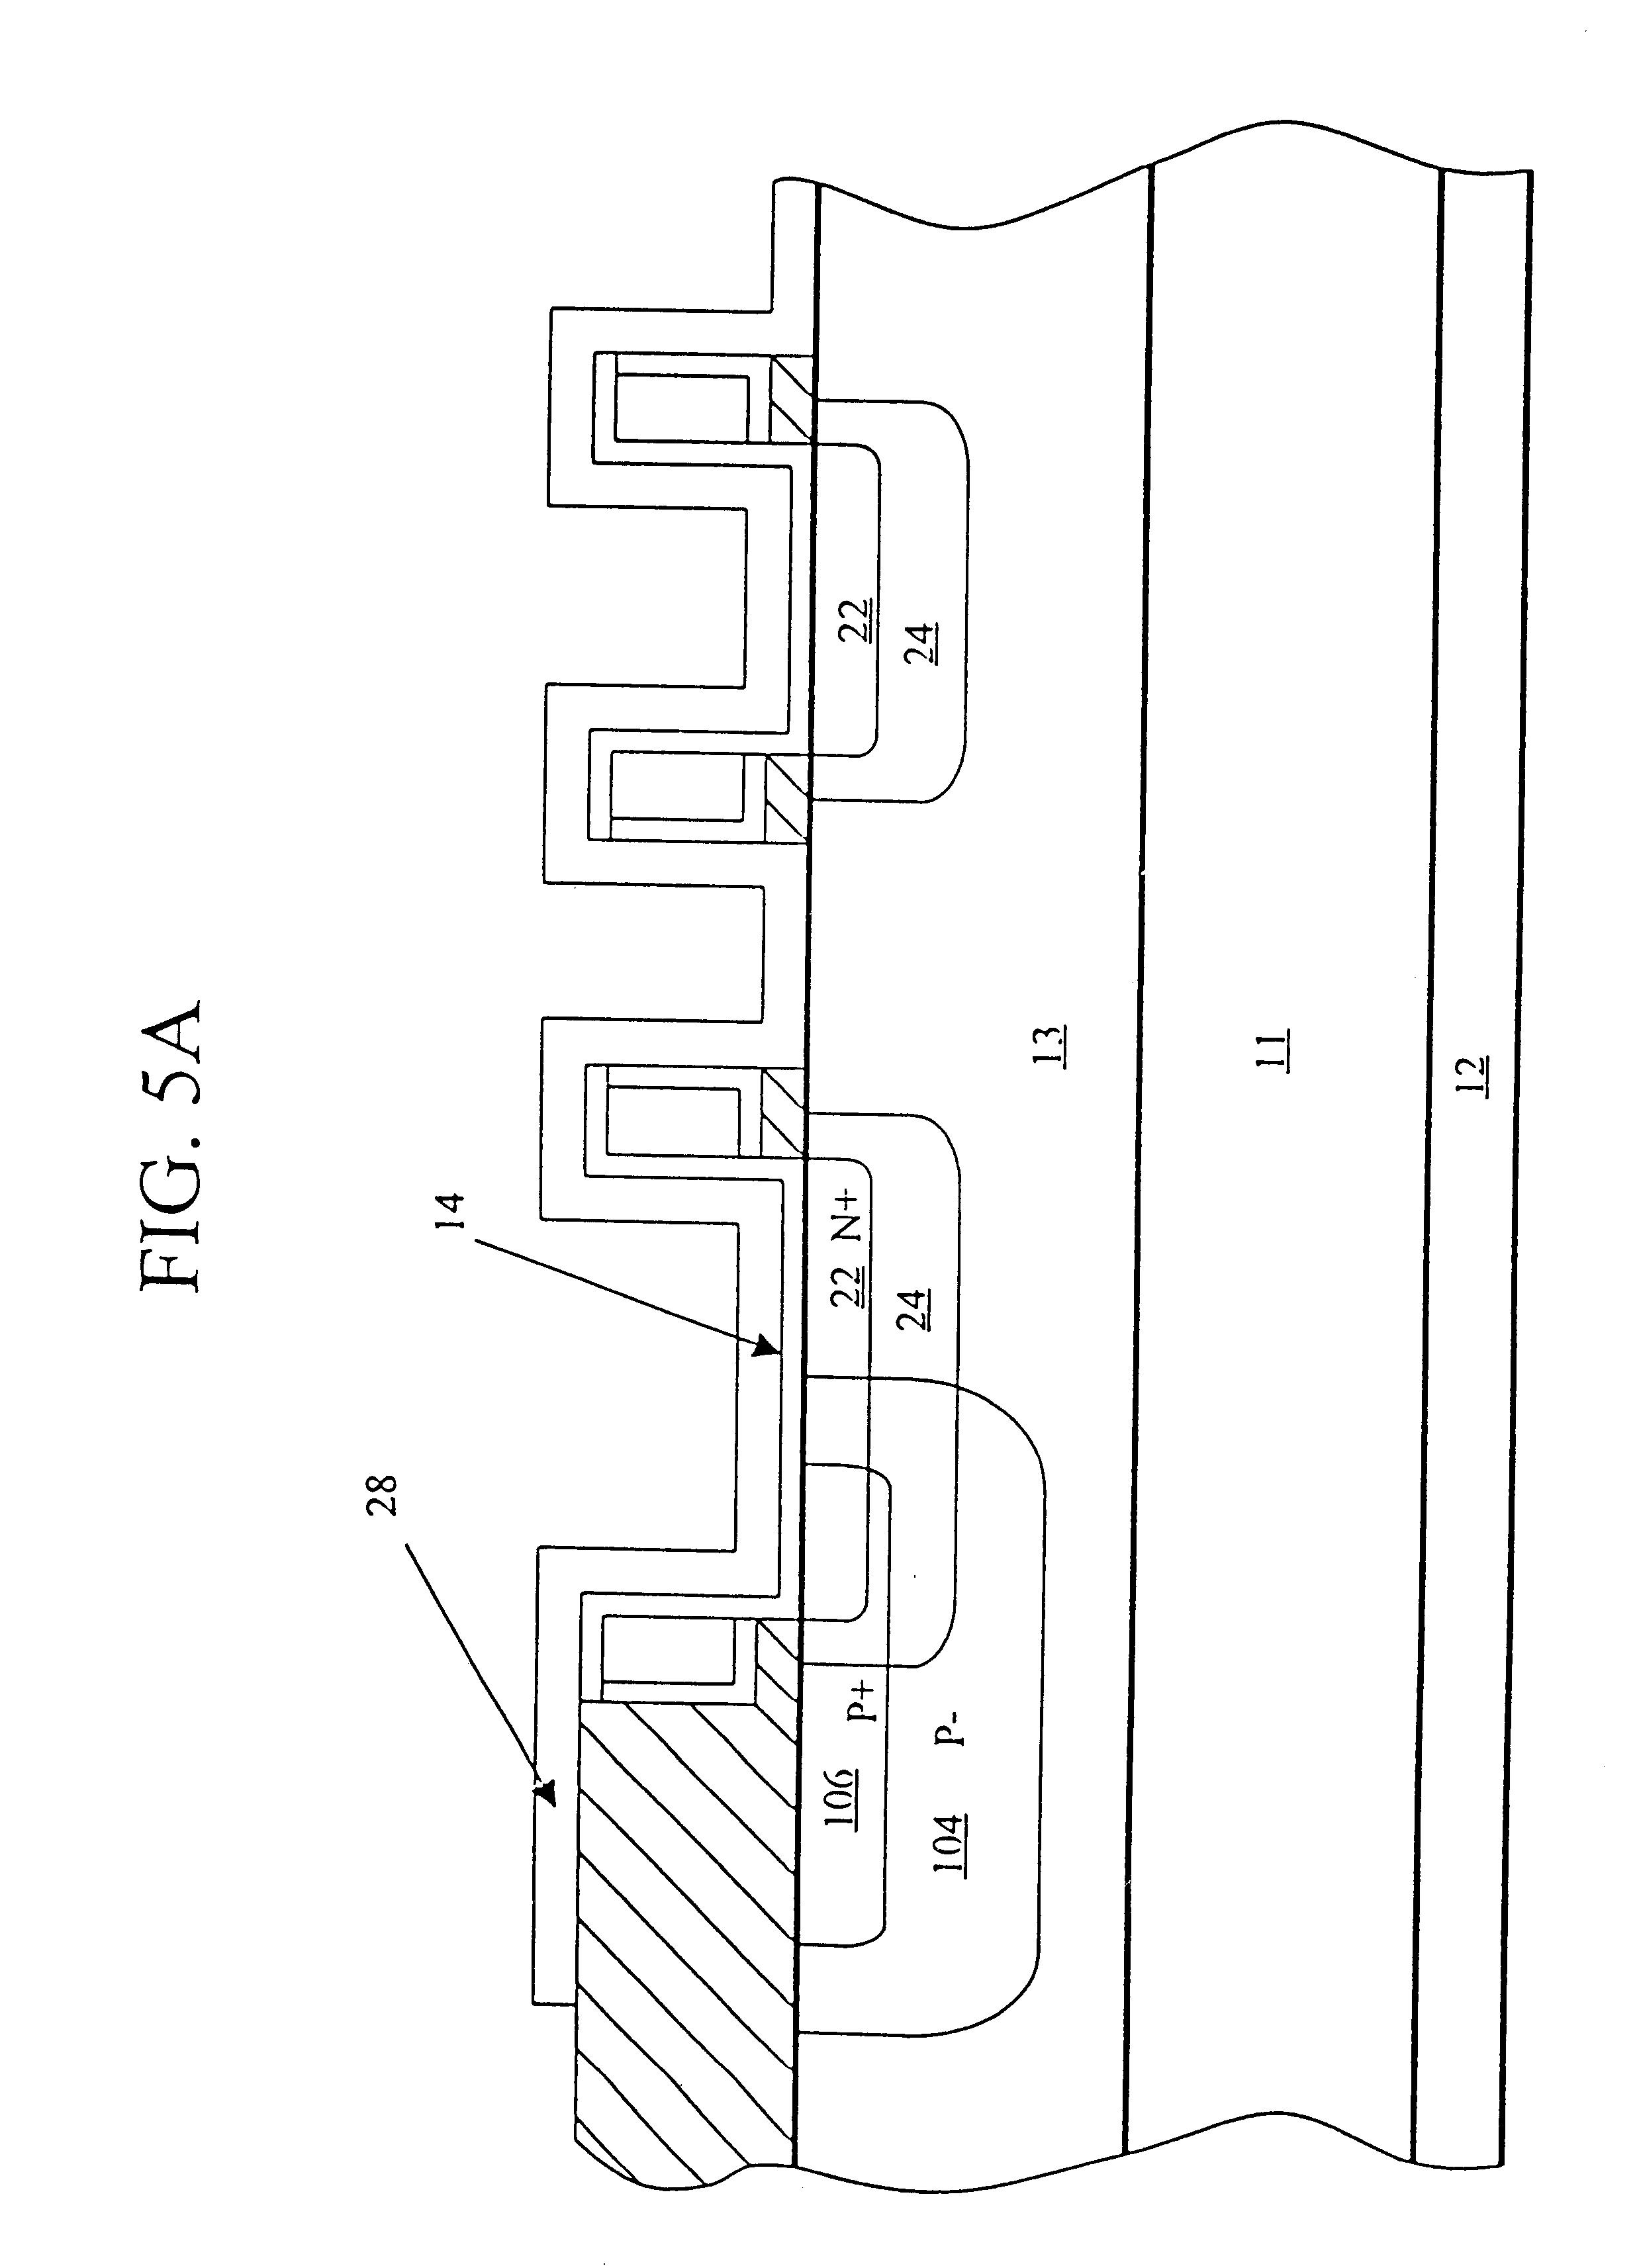 patent us6498367